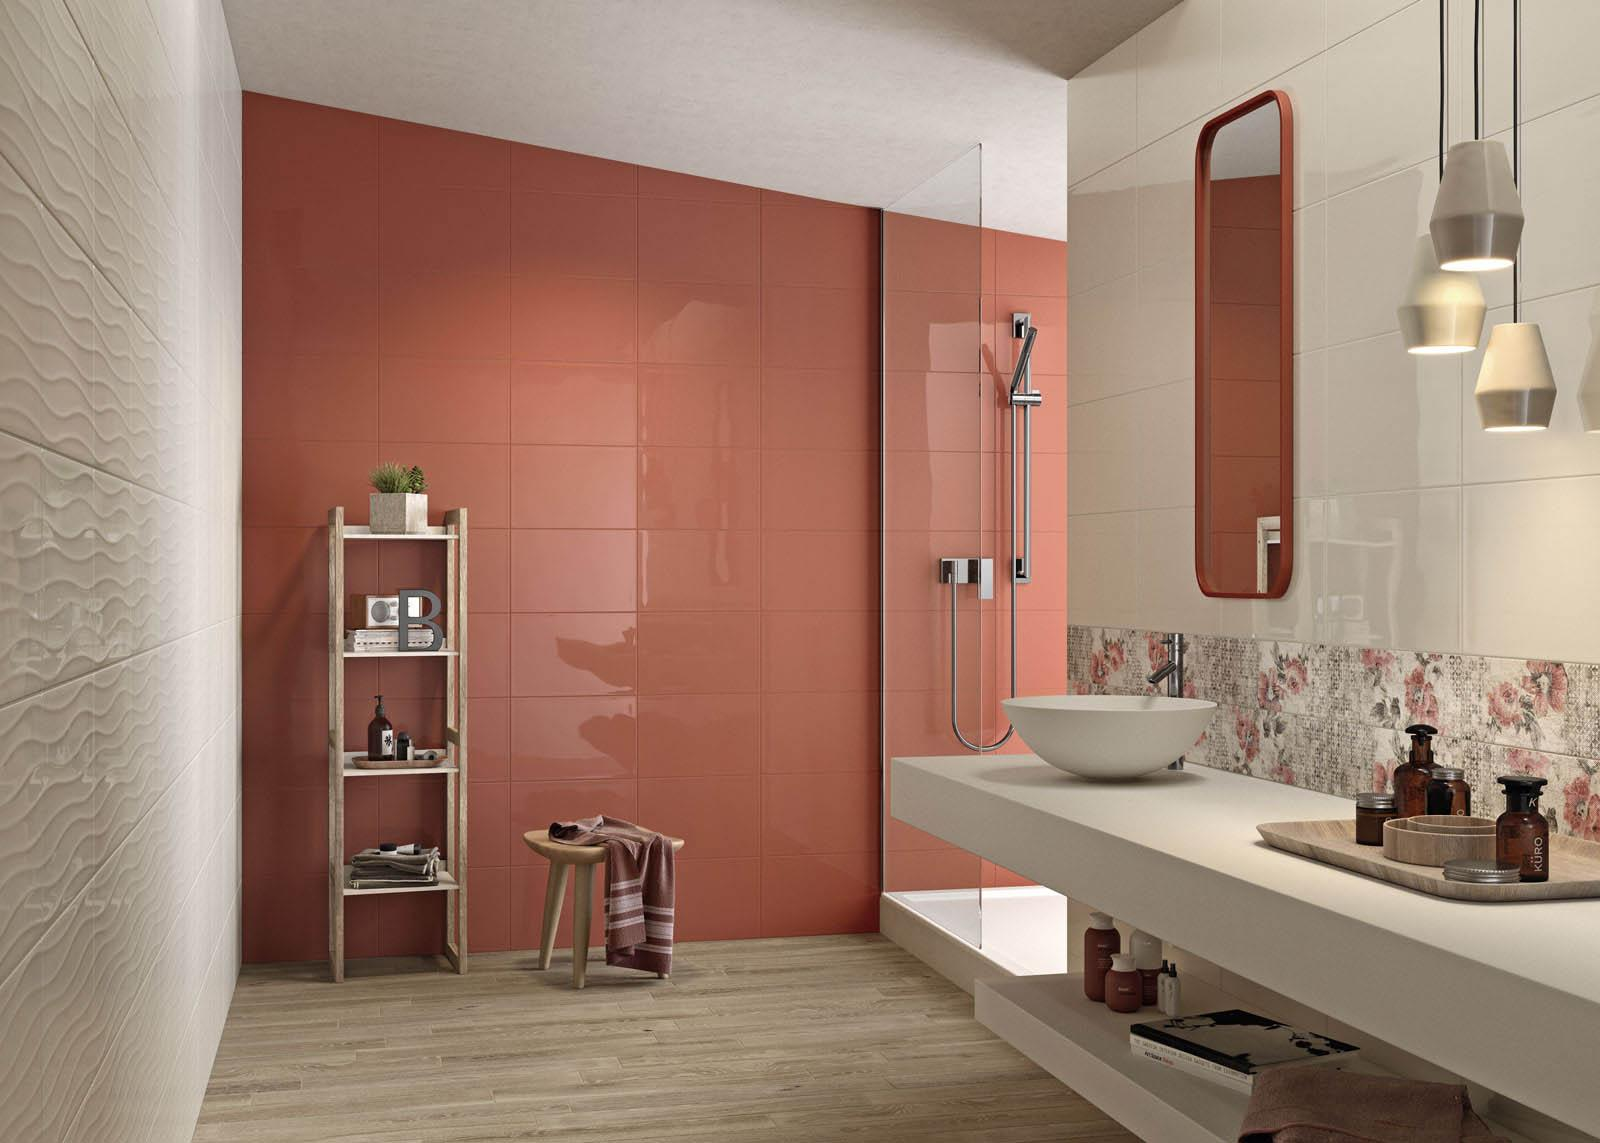 Fliesen Orange Badezimmer Marazzi - Marazzi fliesen kaufen